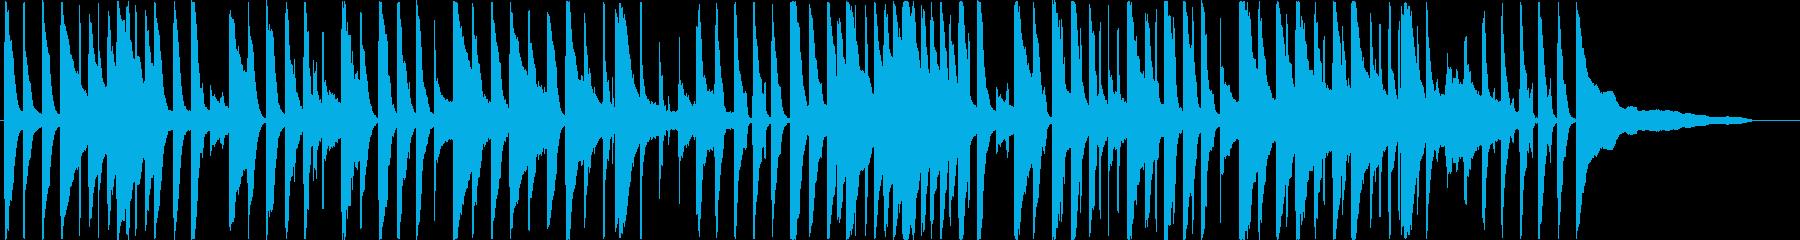 流行りのライトなアコースティックサウンドの再生済みの波形